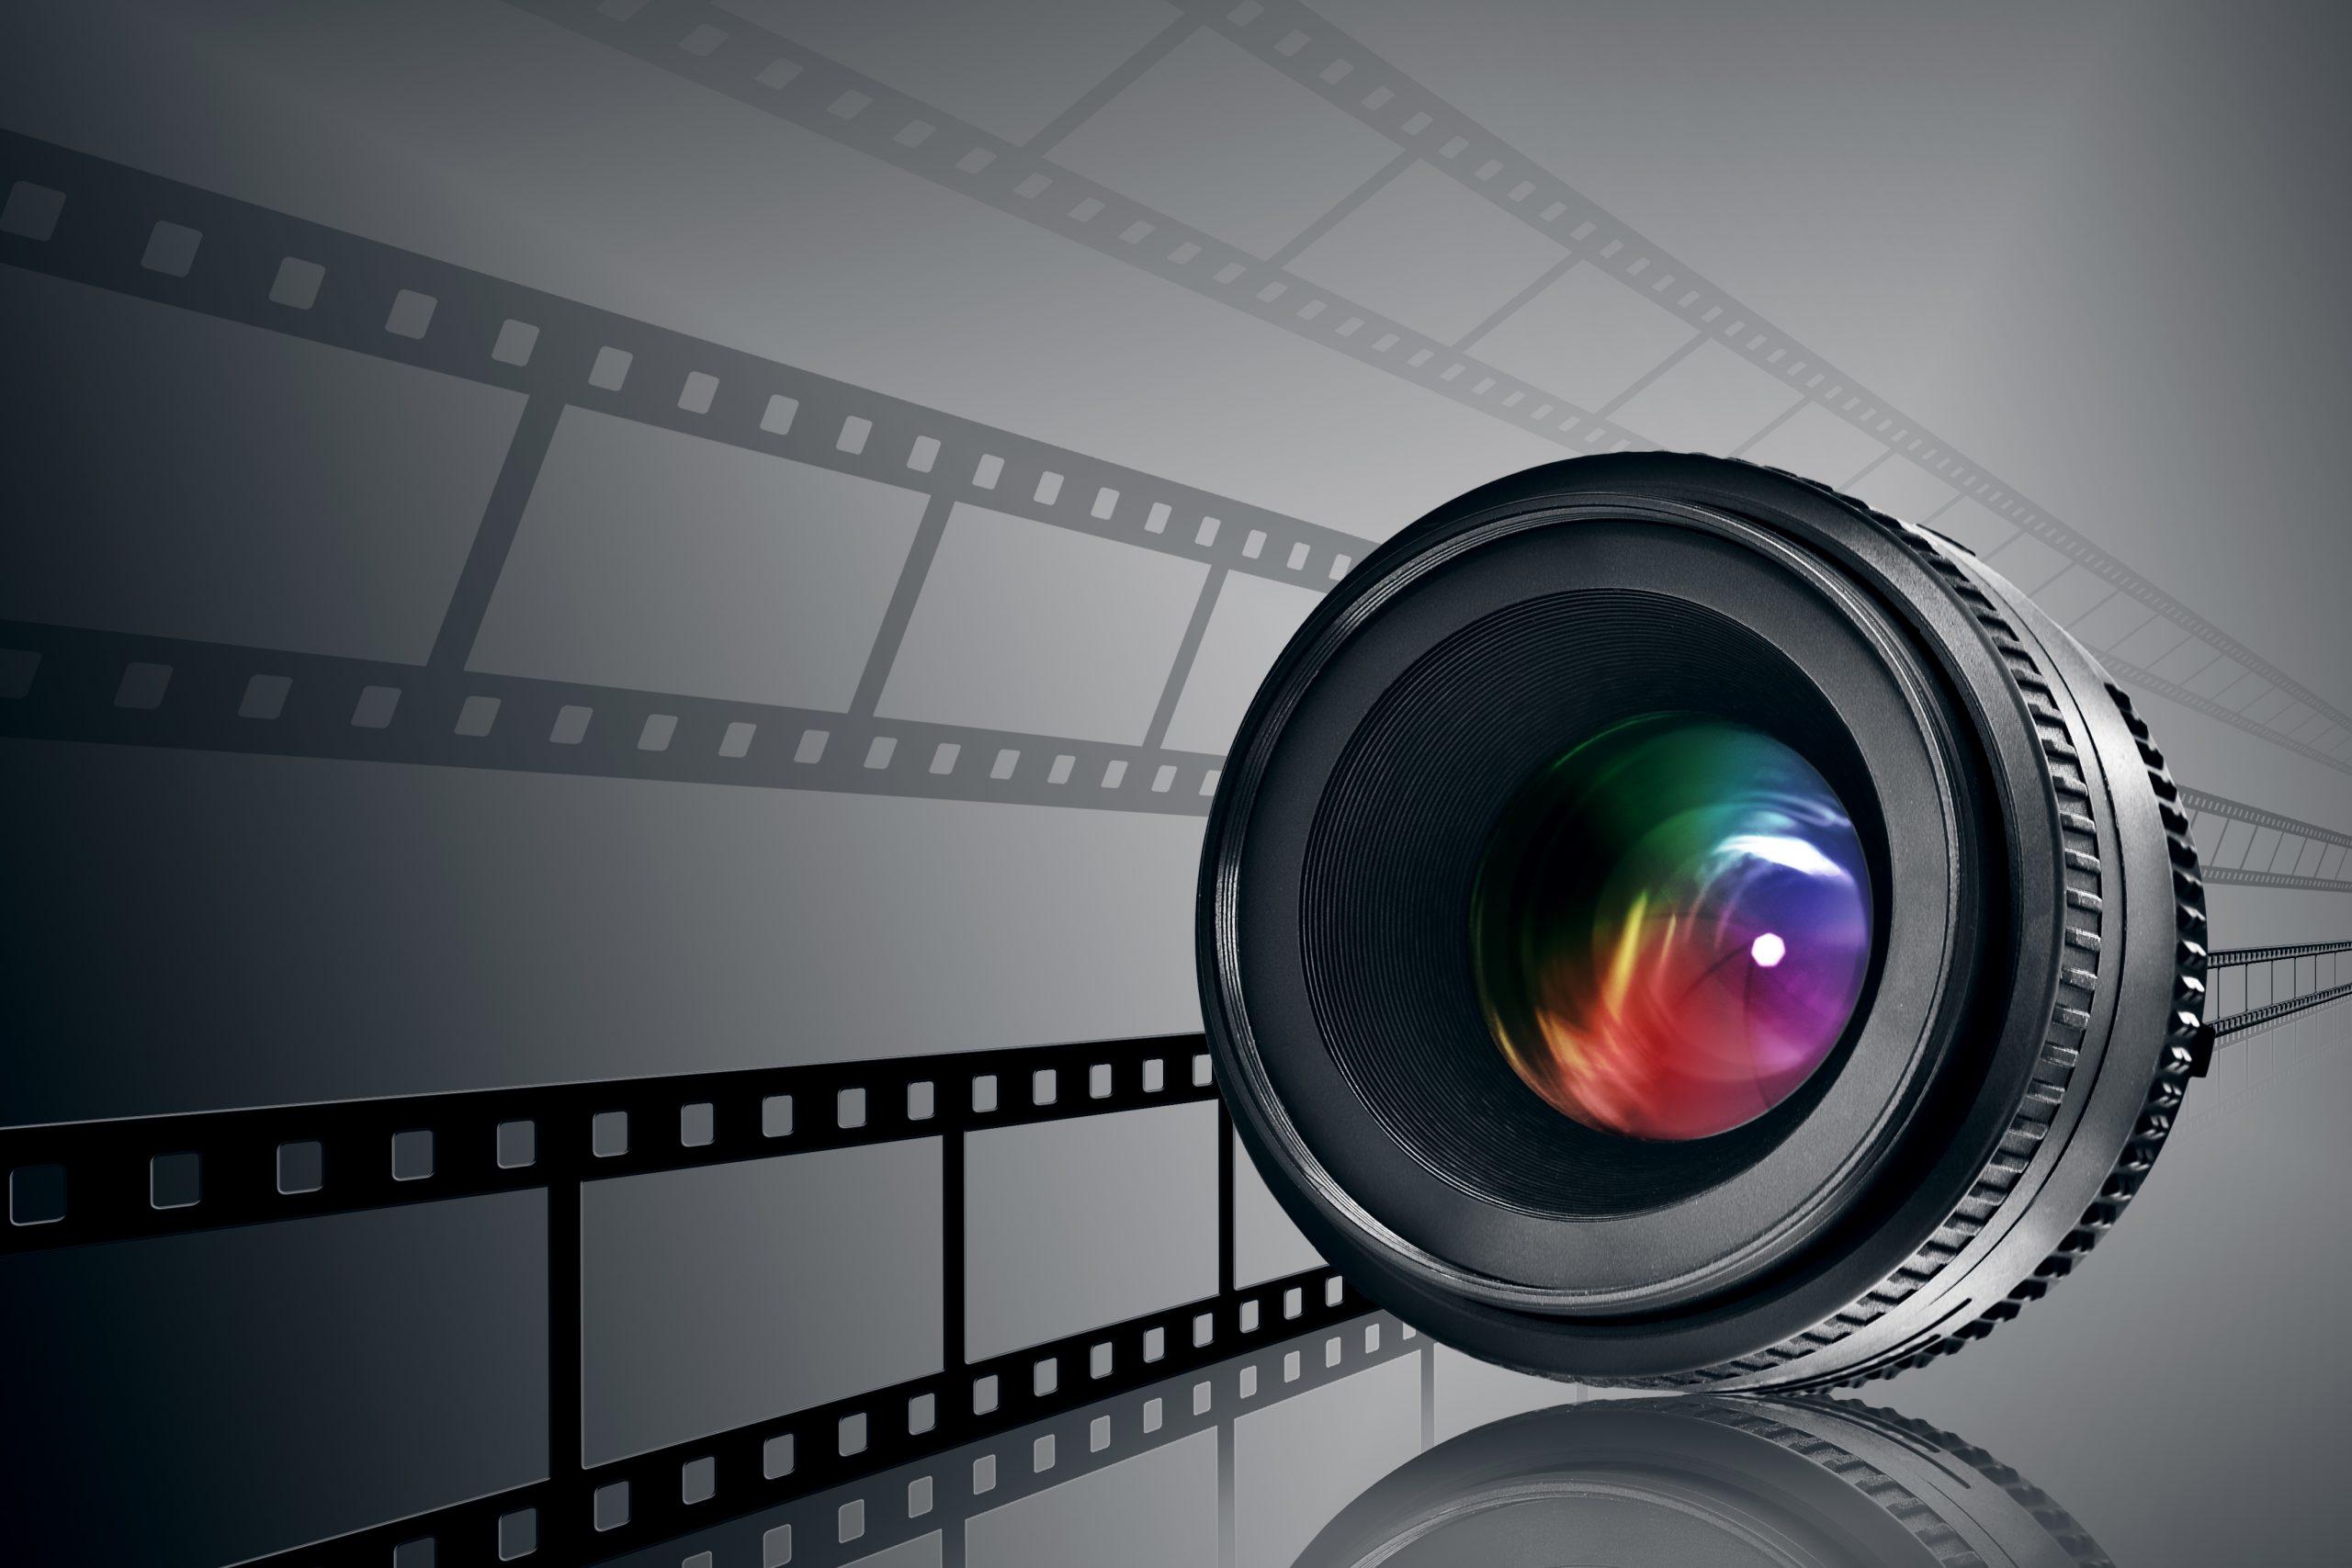 Produtora de Vídeo Salvador Bahia